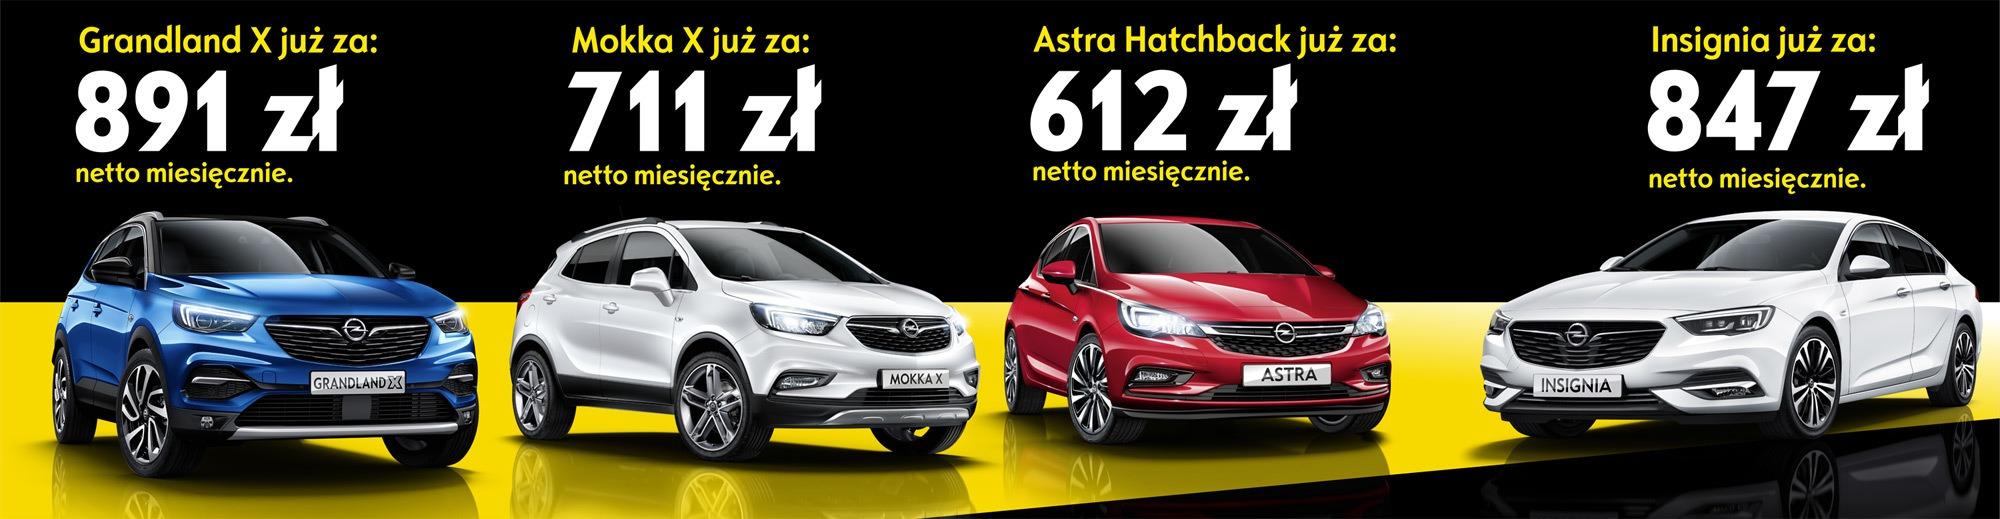 Opel AutoŻoliborz przykładowe ceny samochodów w programie Opel Drive Plan.